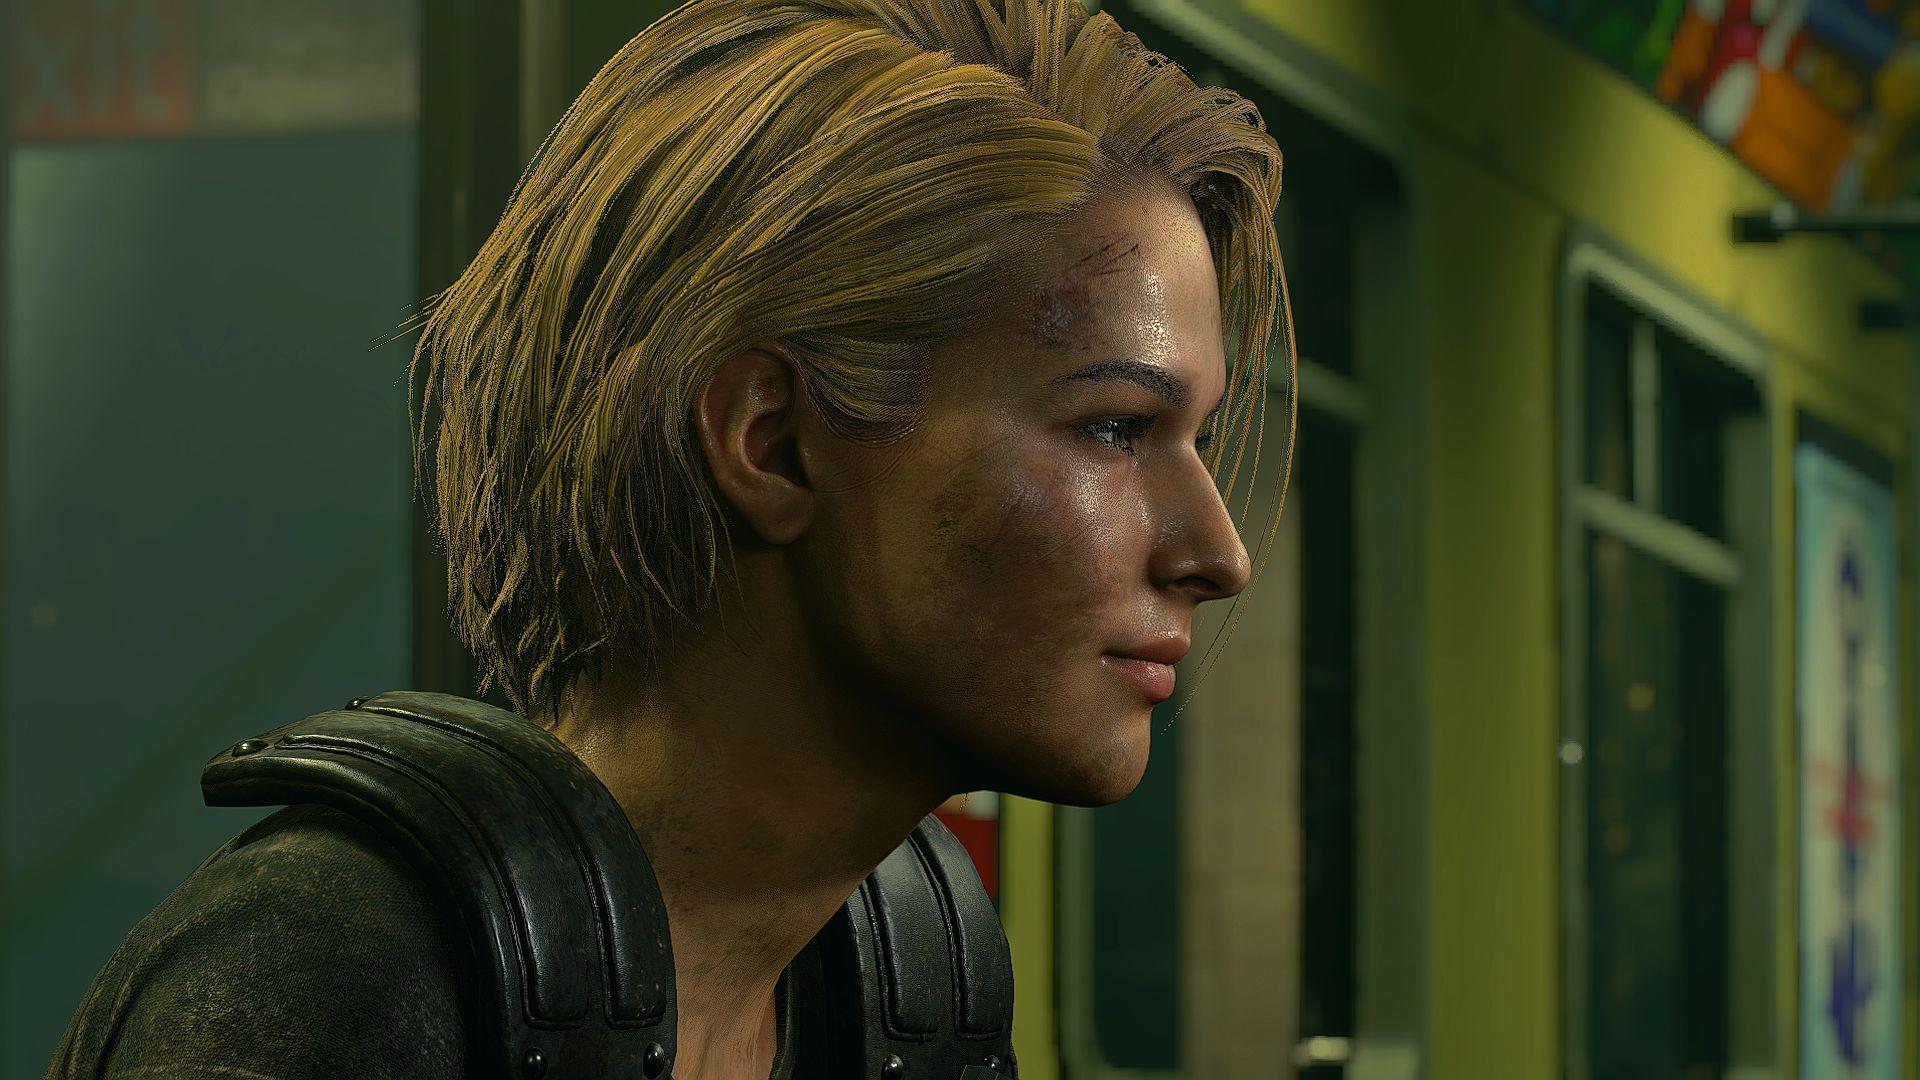 000729.Jpg - Resident Evil 3: Nemesis